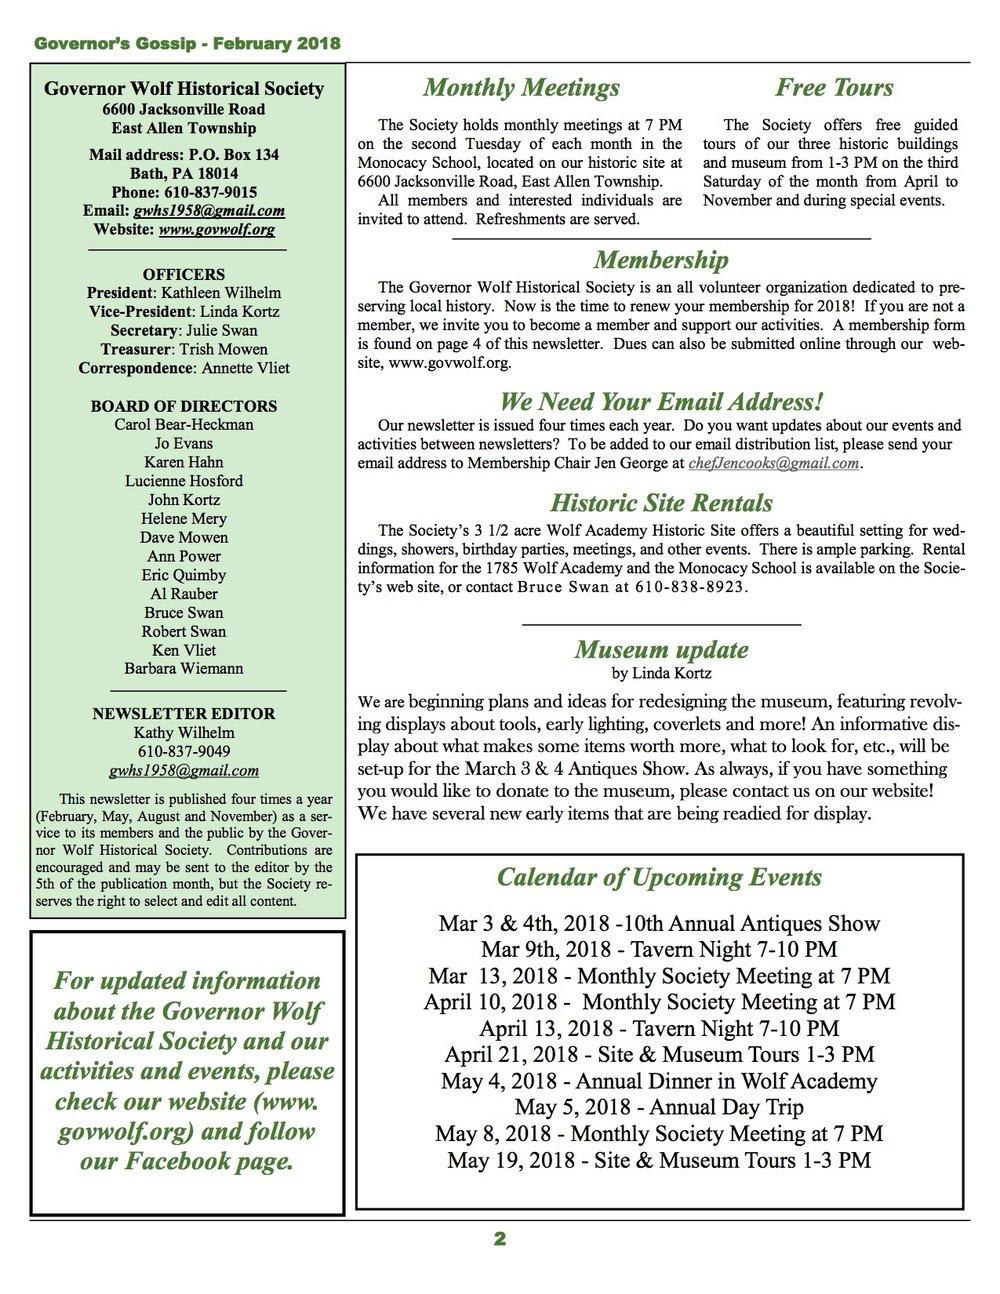 2018 February newsletter p2.jpg